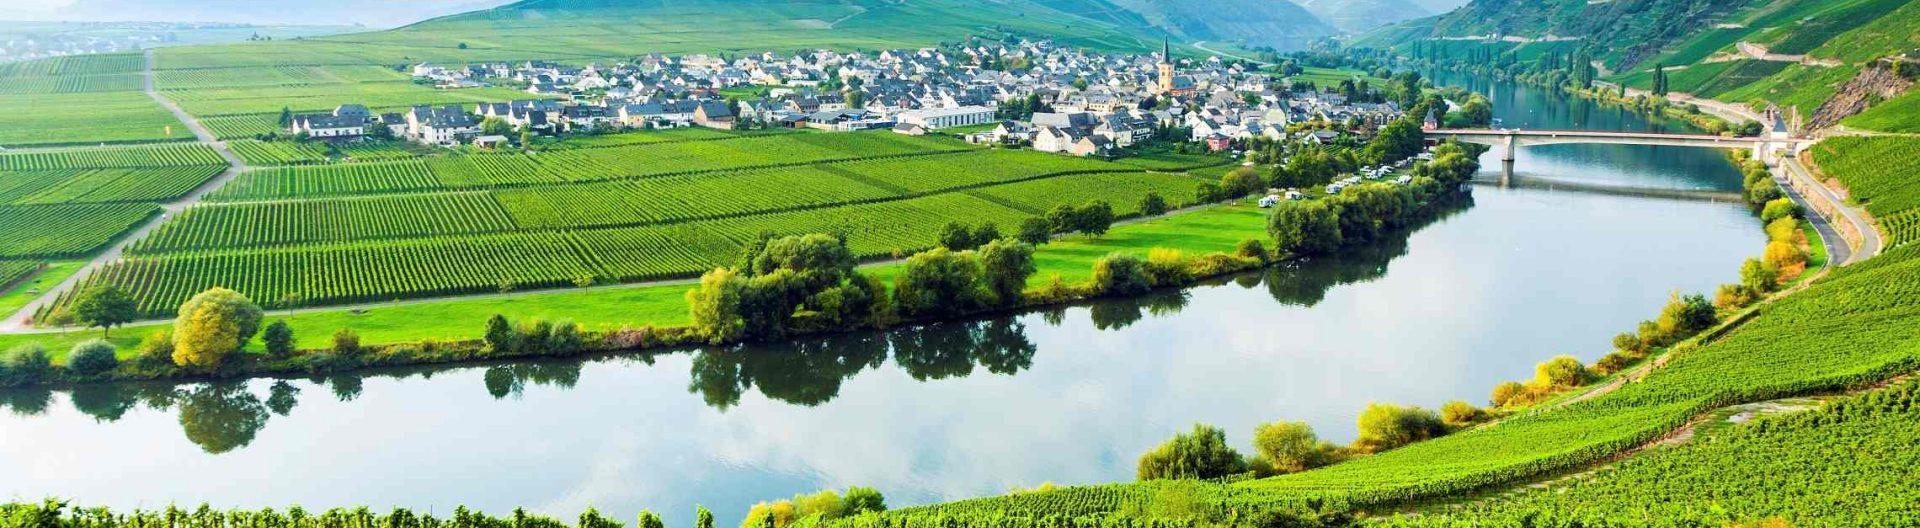 Moselle-viiniviljelyksiä-1920x528.jpg